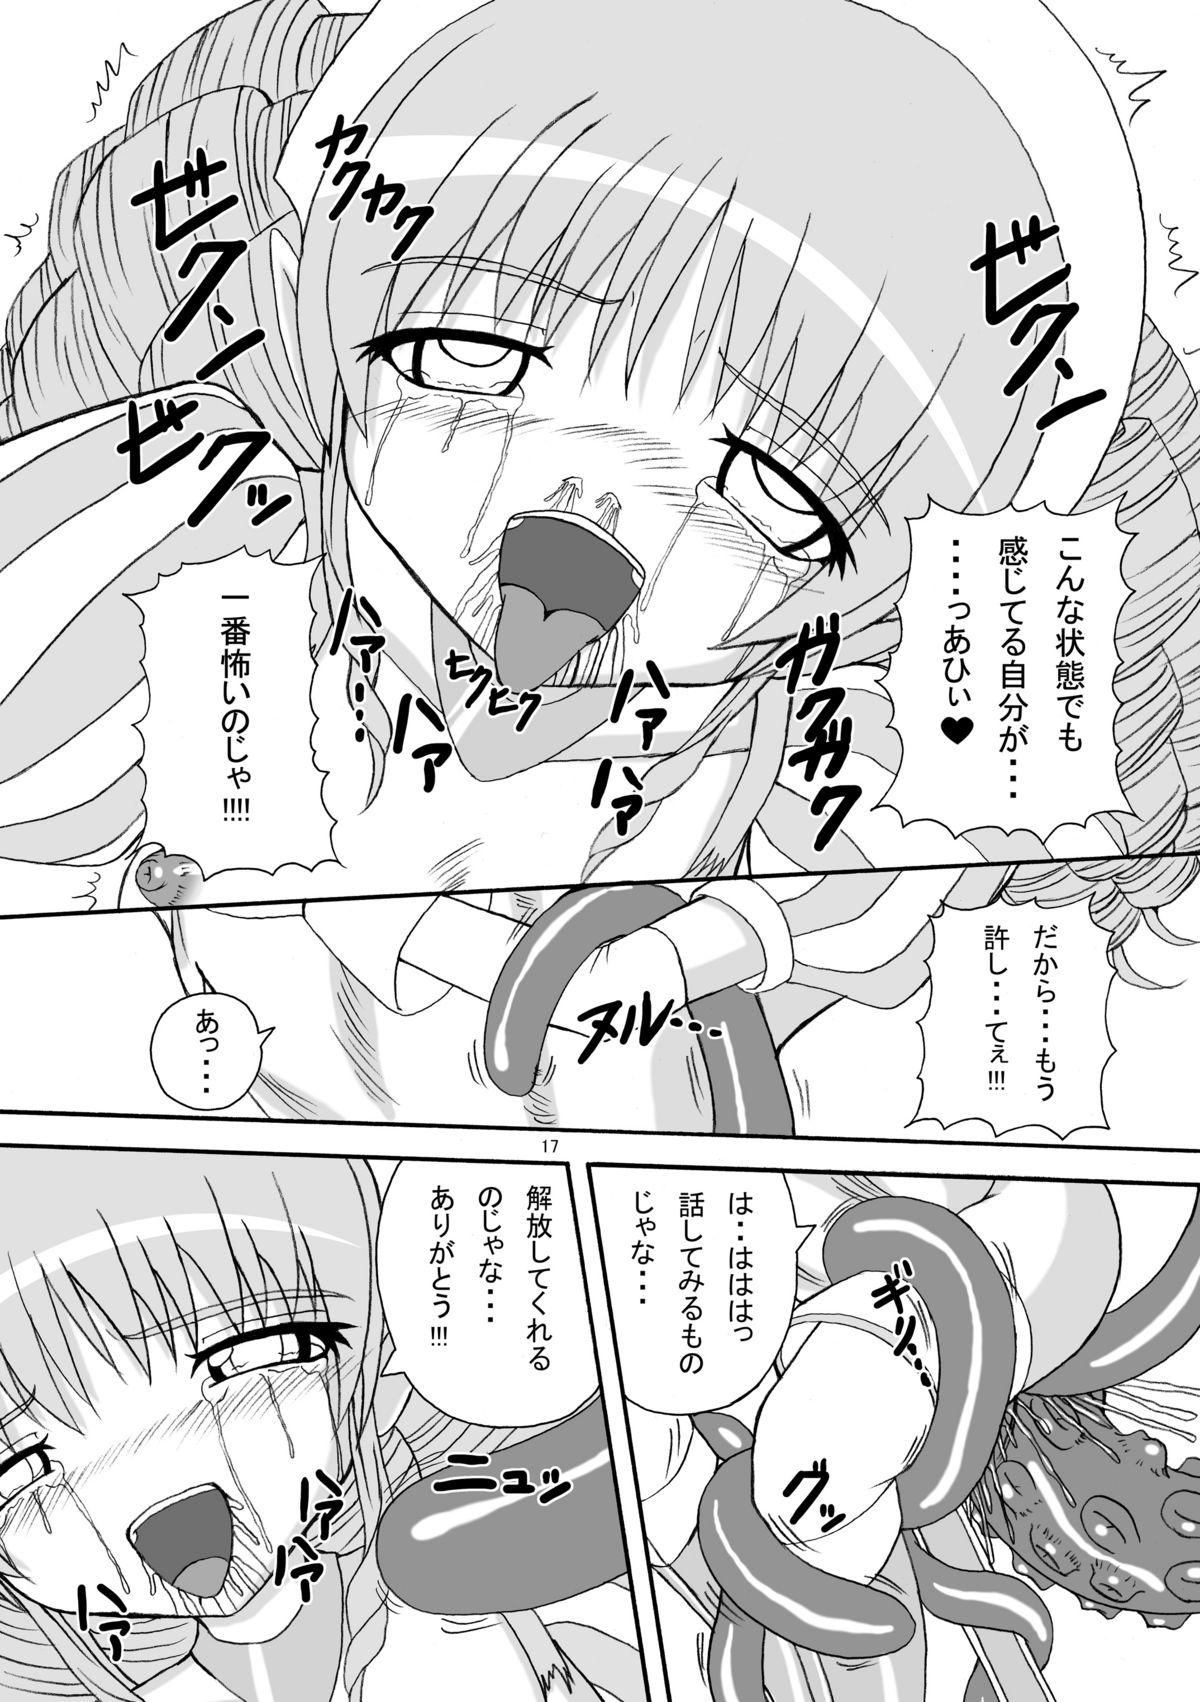 Hard Core Blade Ma Sawa Zenshin Kan 15